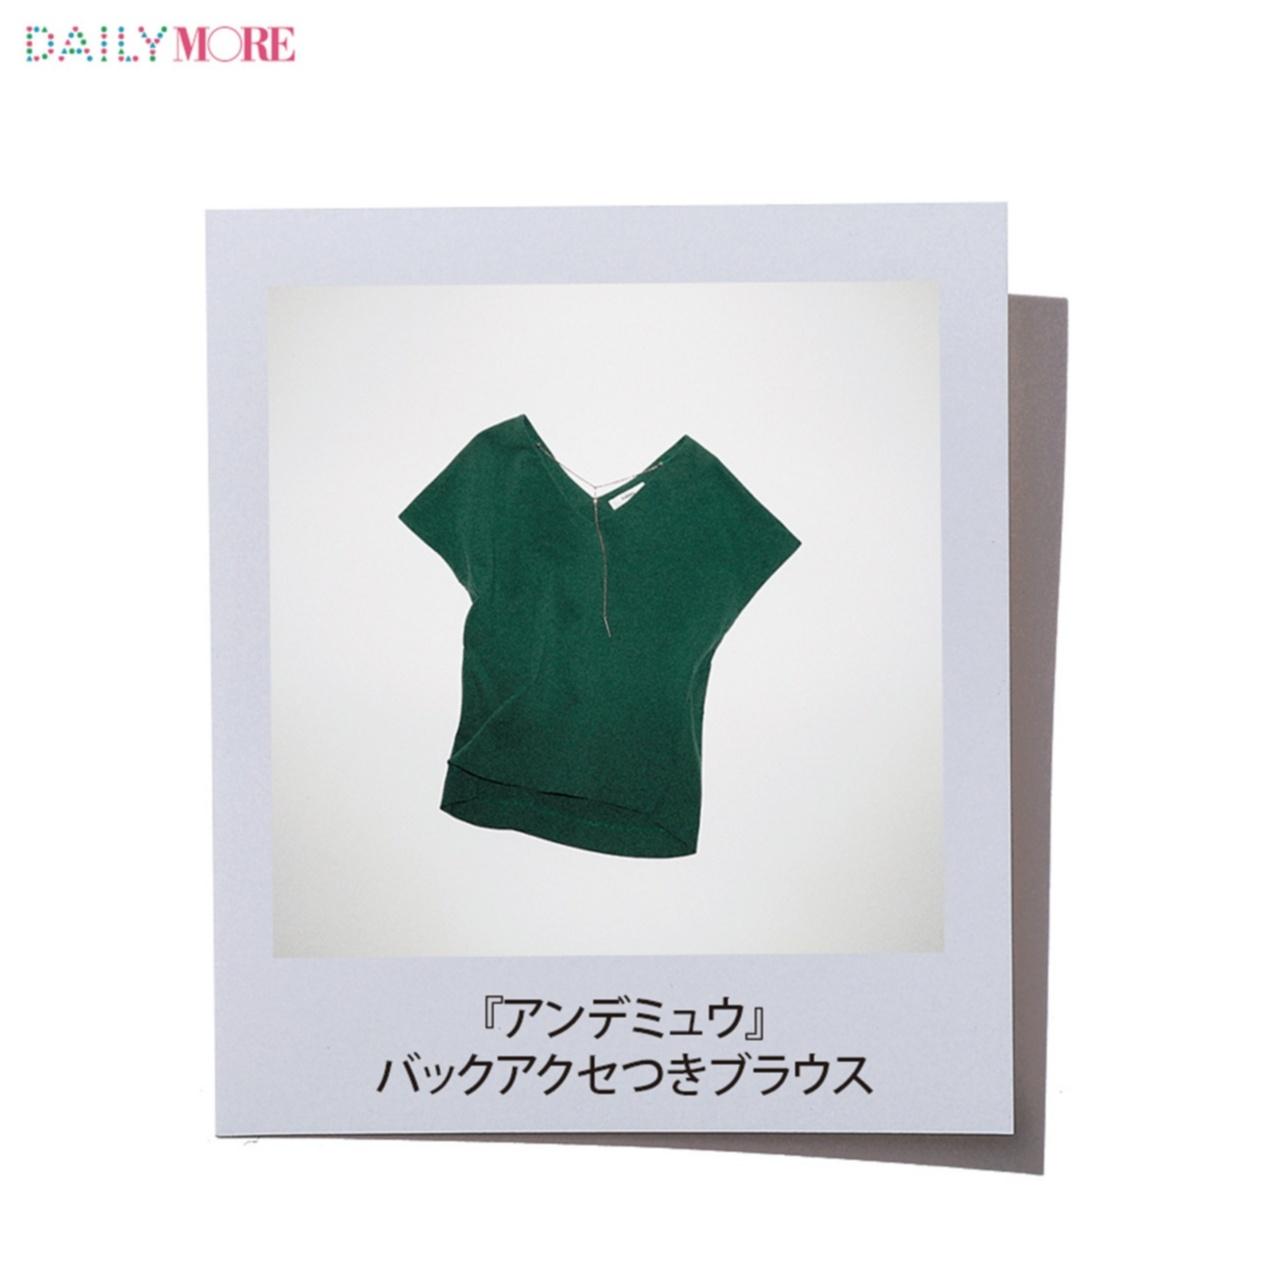 """""""隠れた名品""""あなたは知ってた? 人気ブランドの「実は売れてる服」まとめ♡_1_5"""